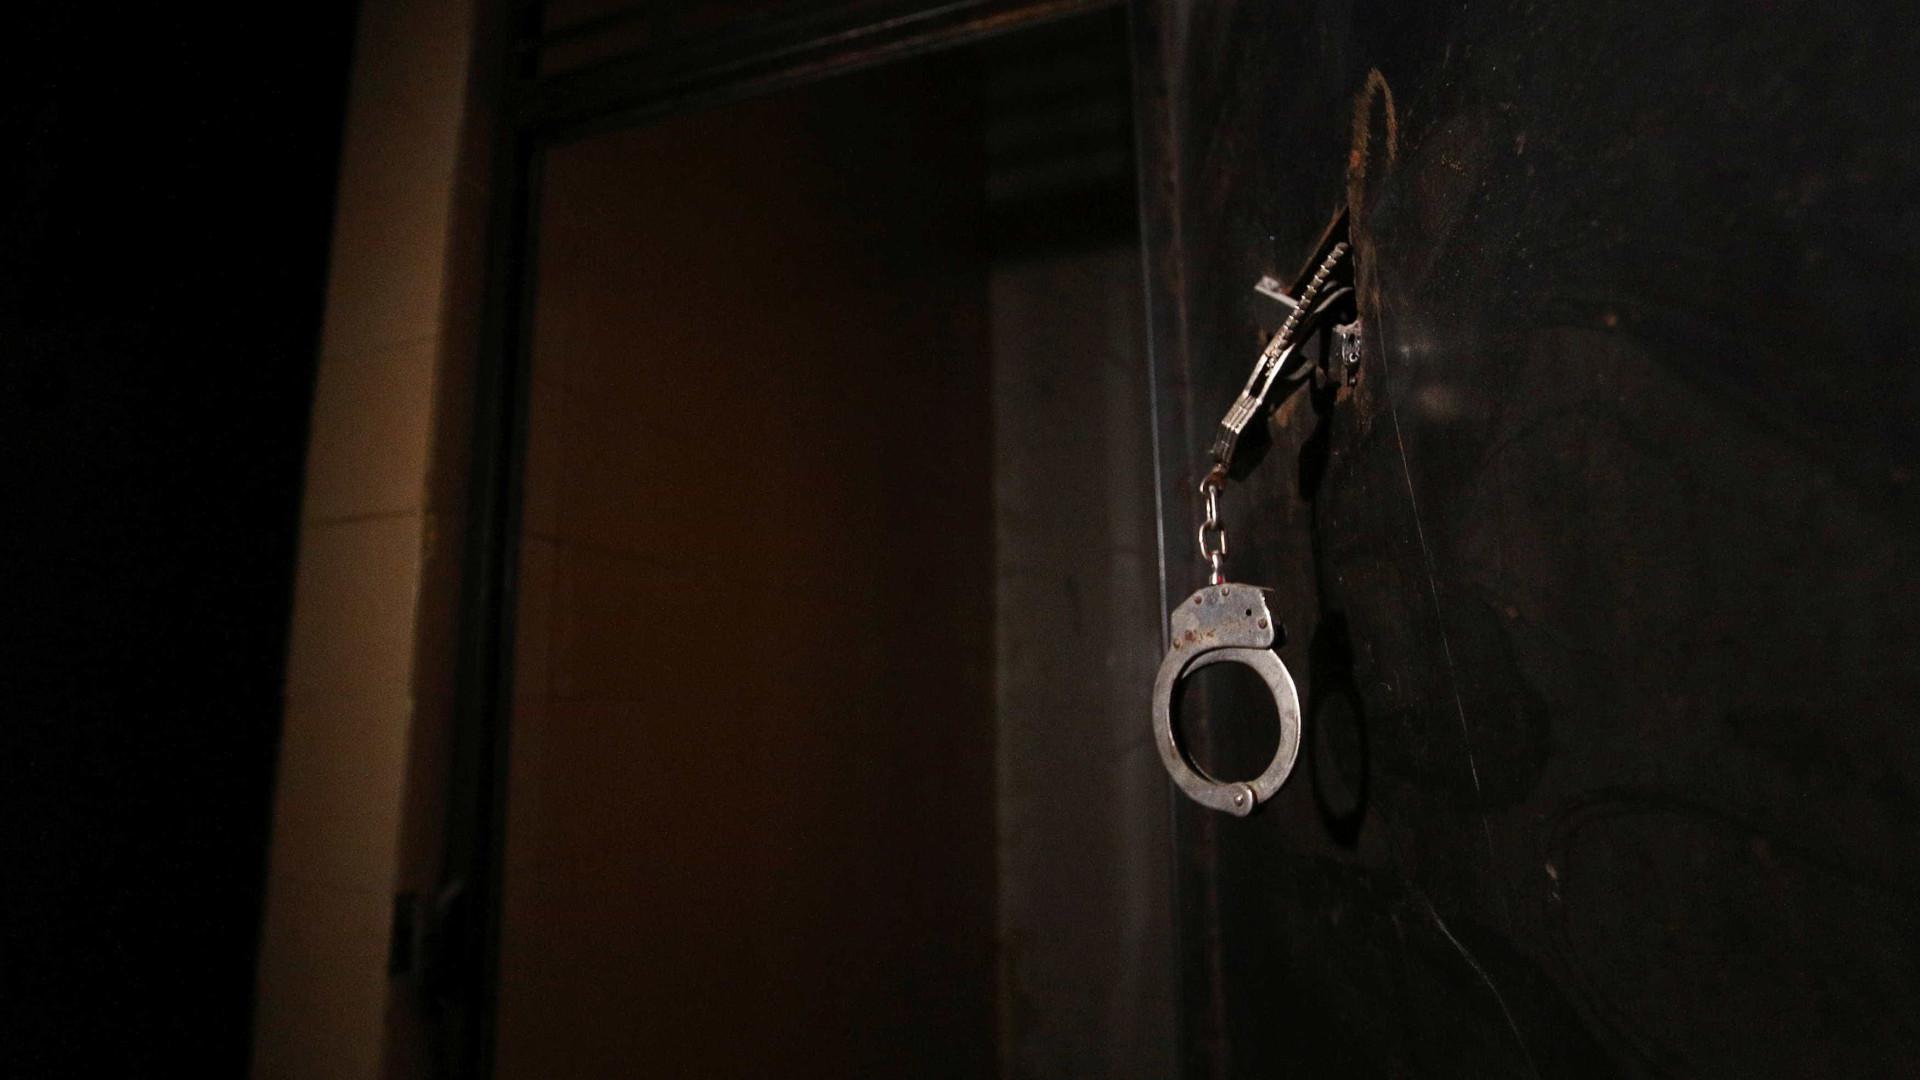 Homem bate em carro de PM, é preso e encontrado morto em cela no DF